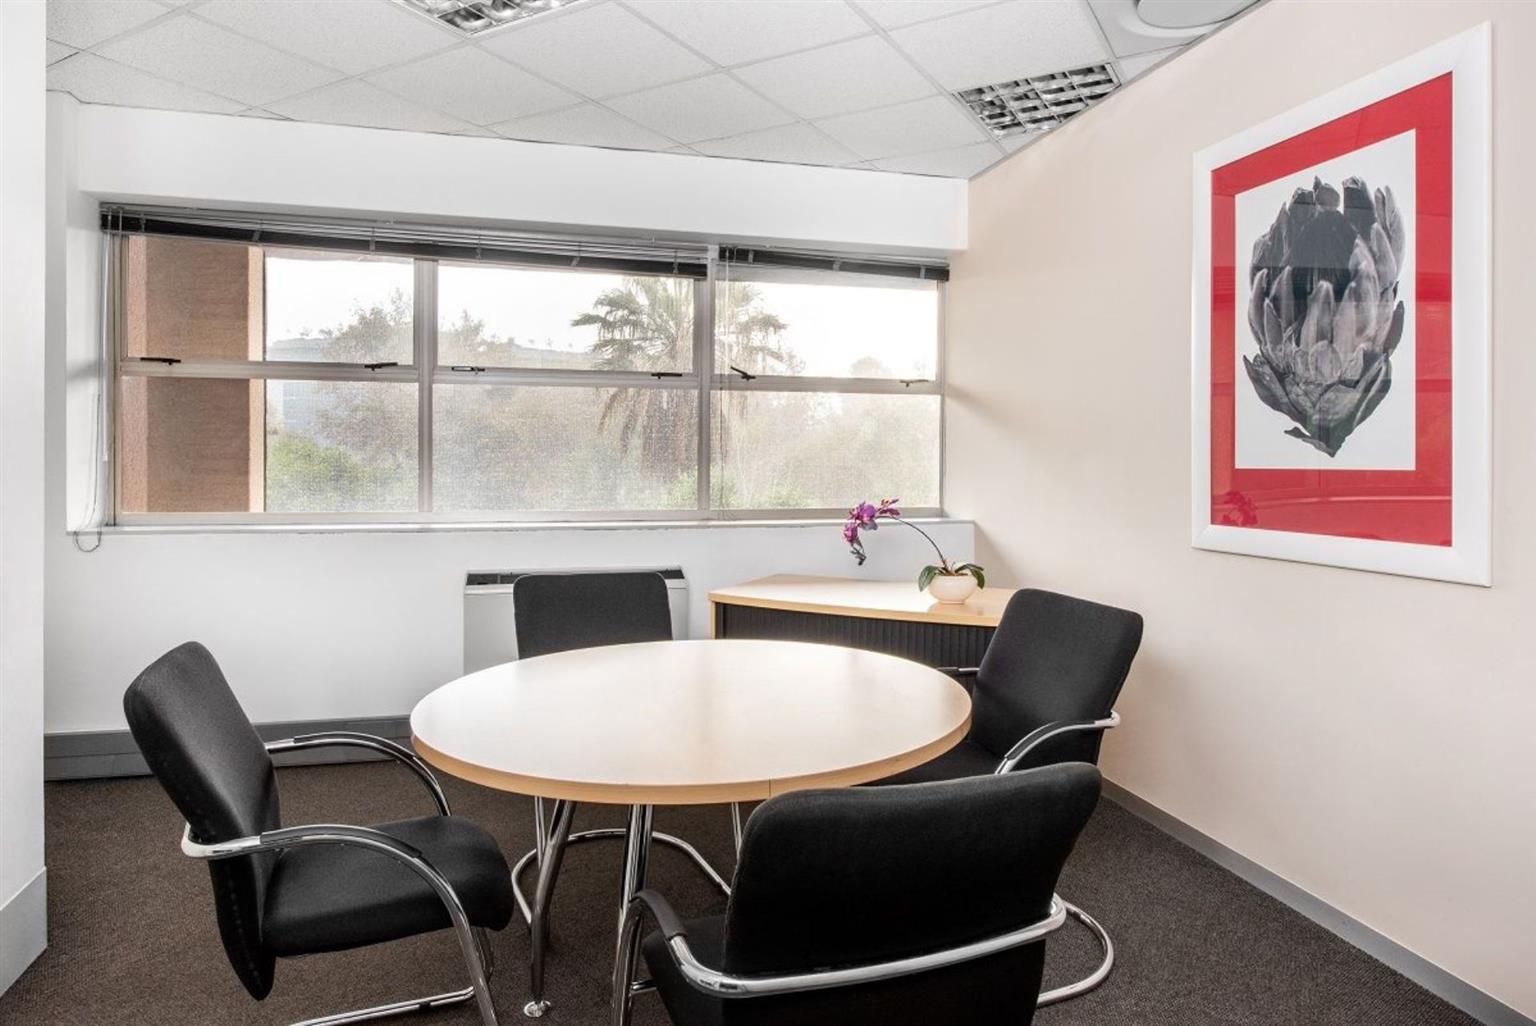 Office Rental Monthly in GELVANDALE